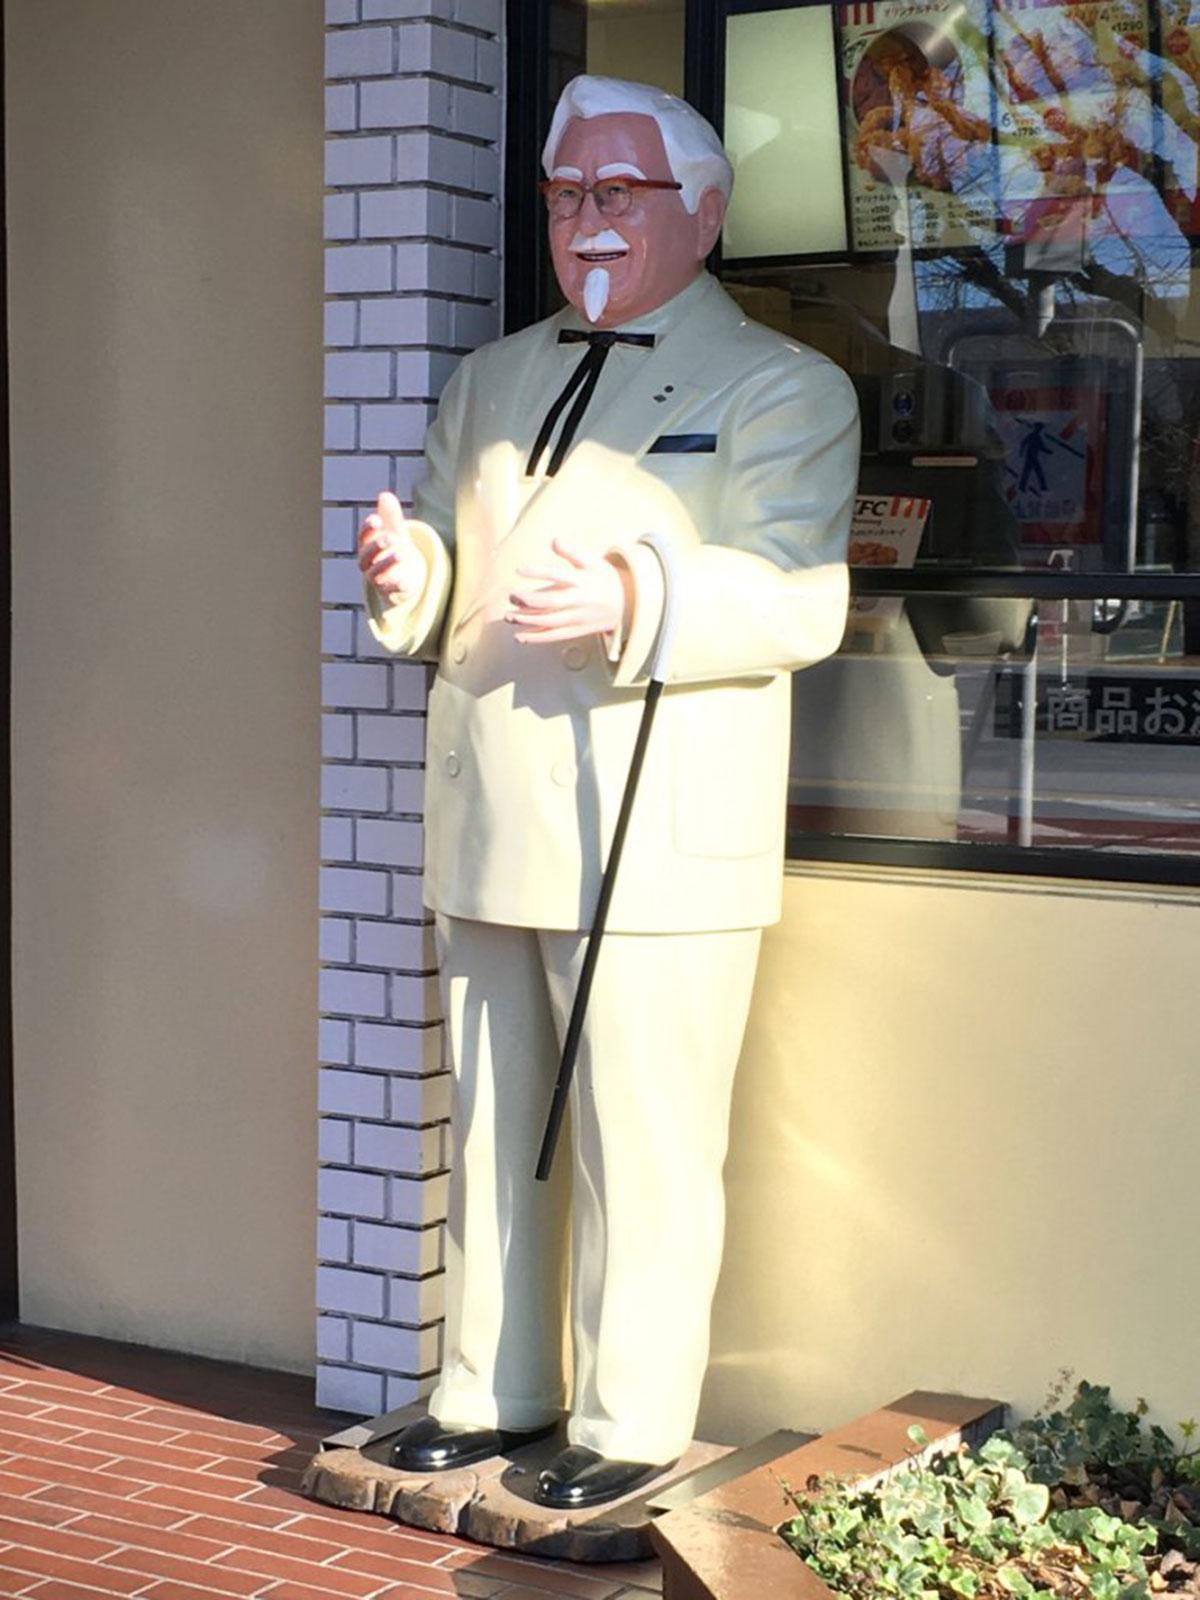 ケンタッキーフライドチキン店頭にいるカーネル人形(2020年撮影・西八王子)